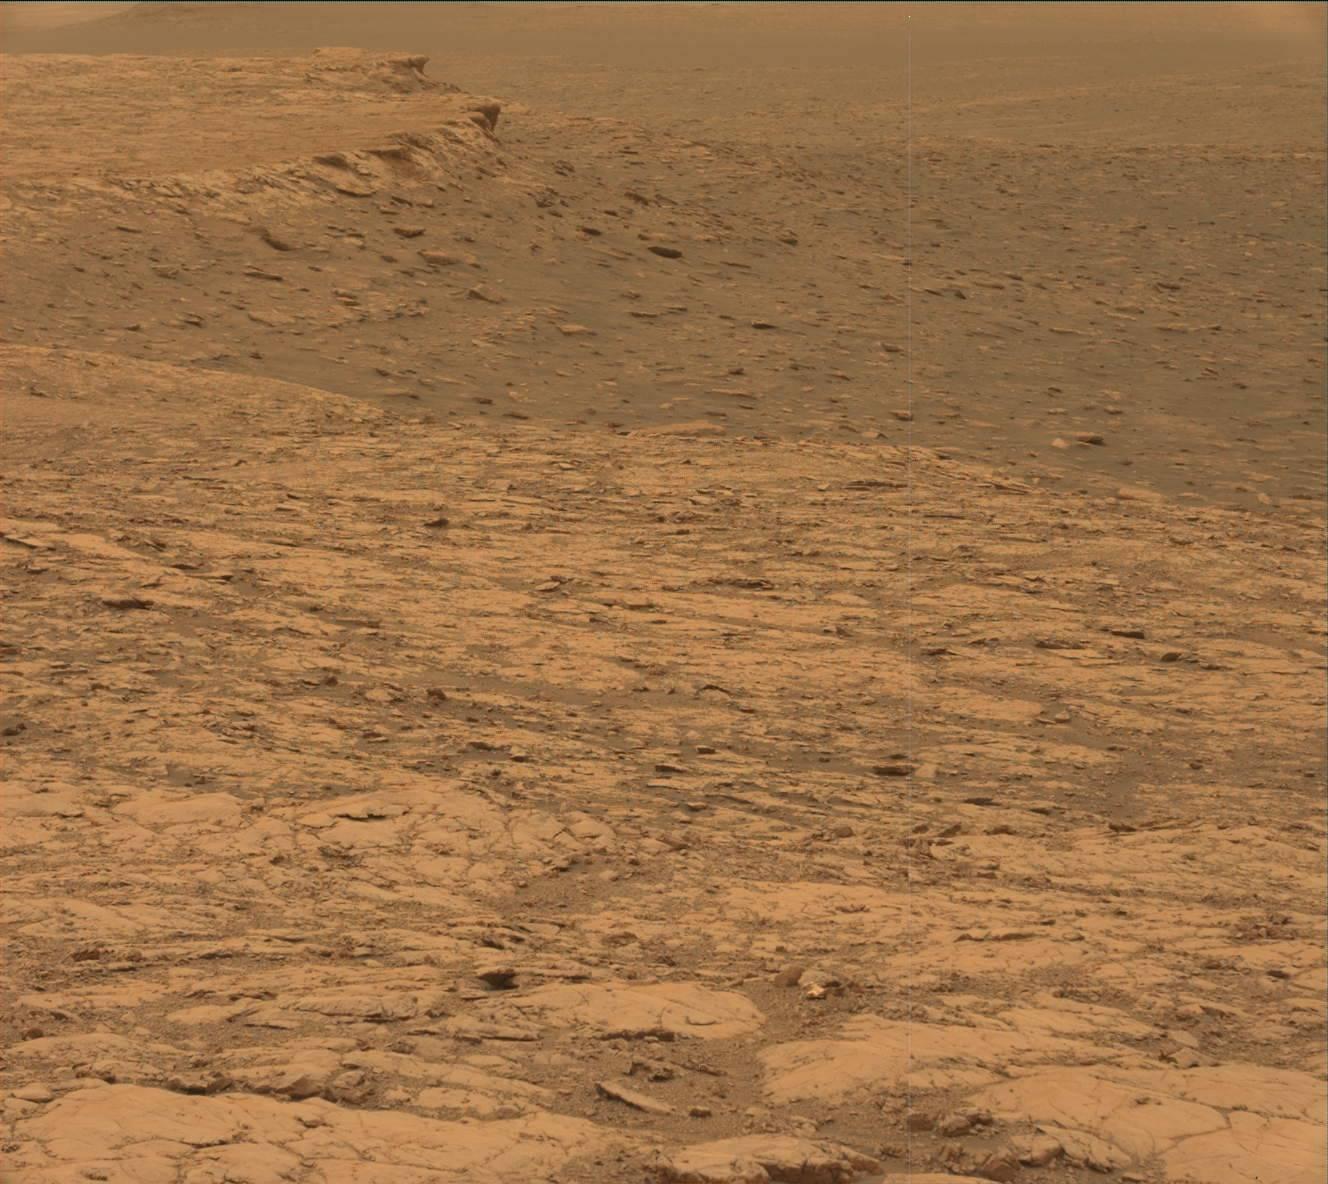 Sol 2126 Mastcam Left